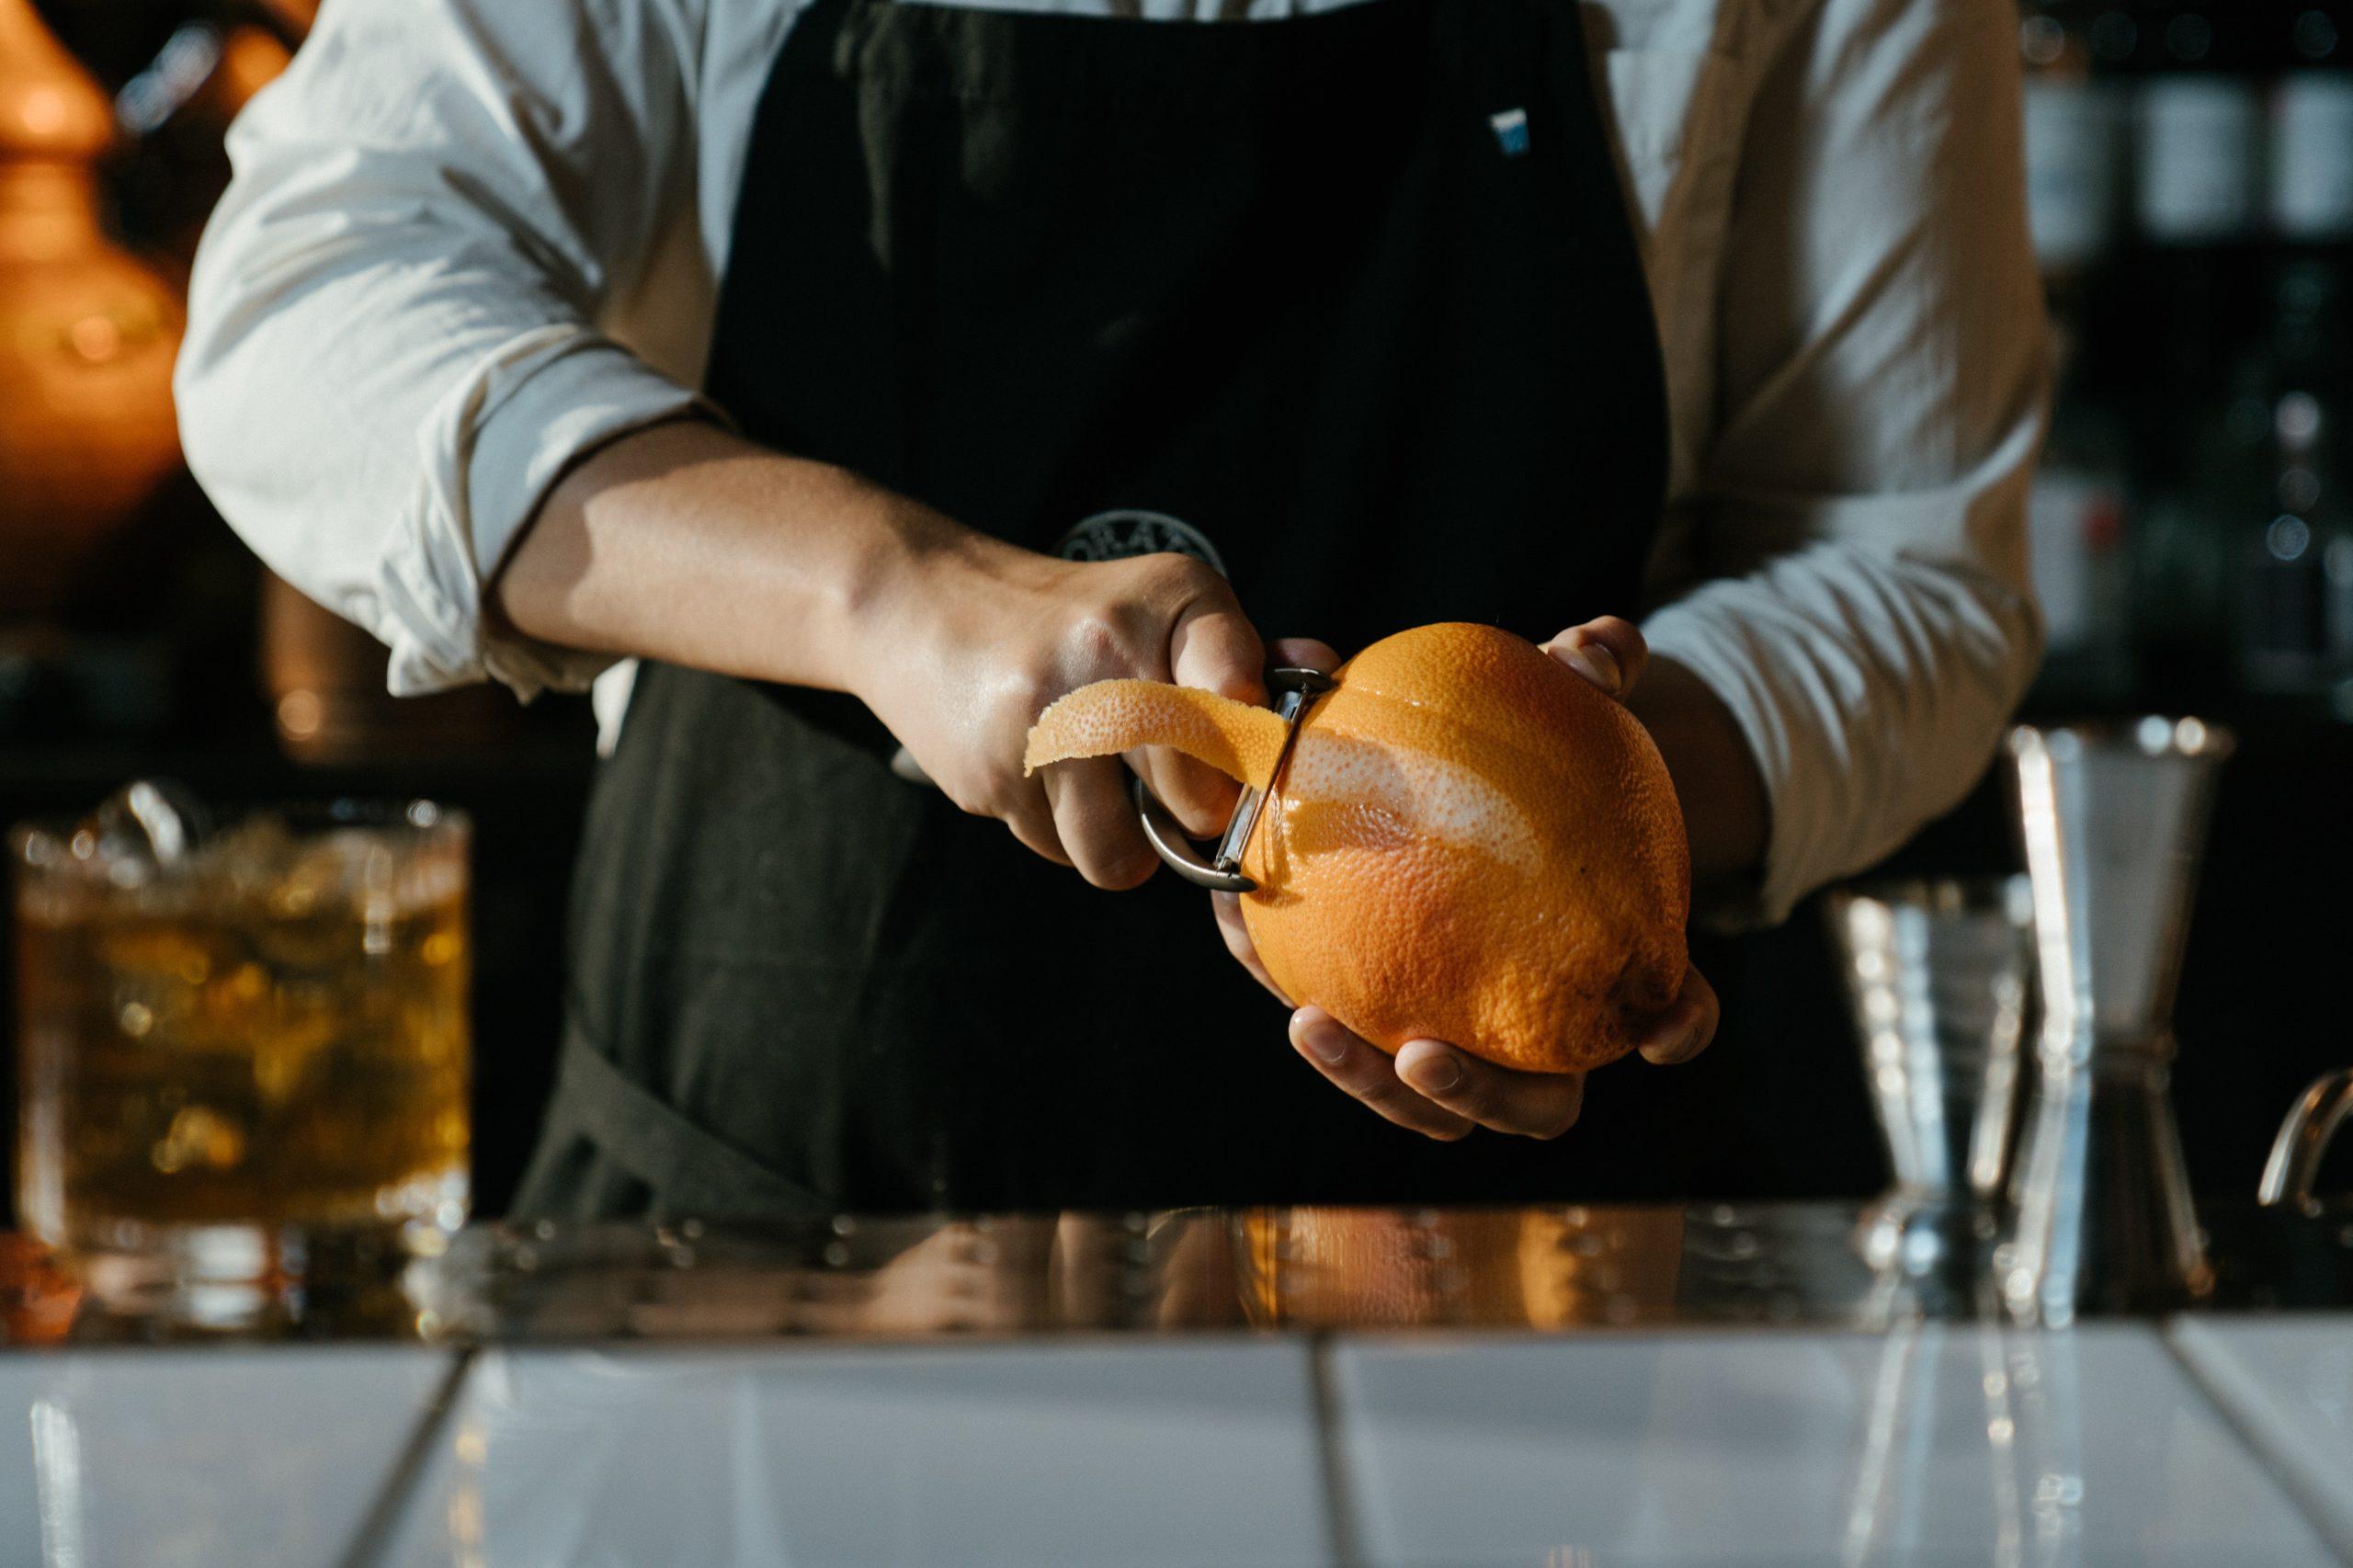 male bartender peeling orange zest in a bar